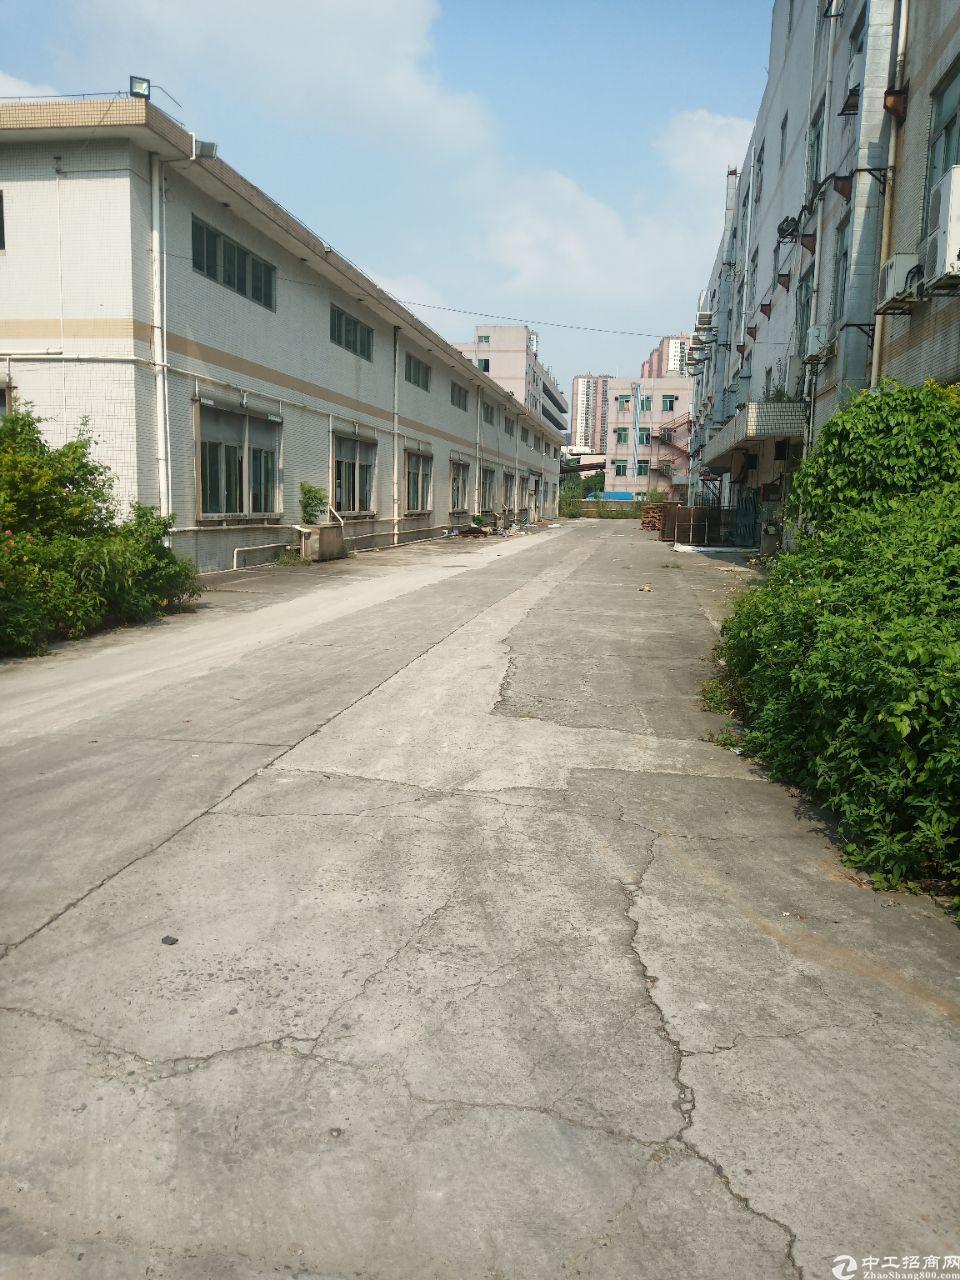 平湖海吉星食品厂房1000平方米一楼物流仓库出租,